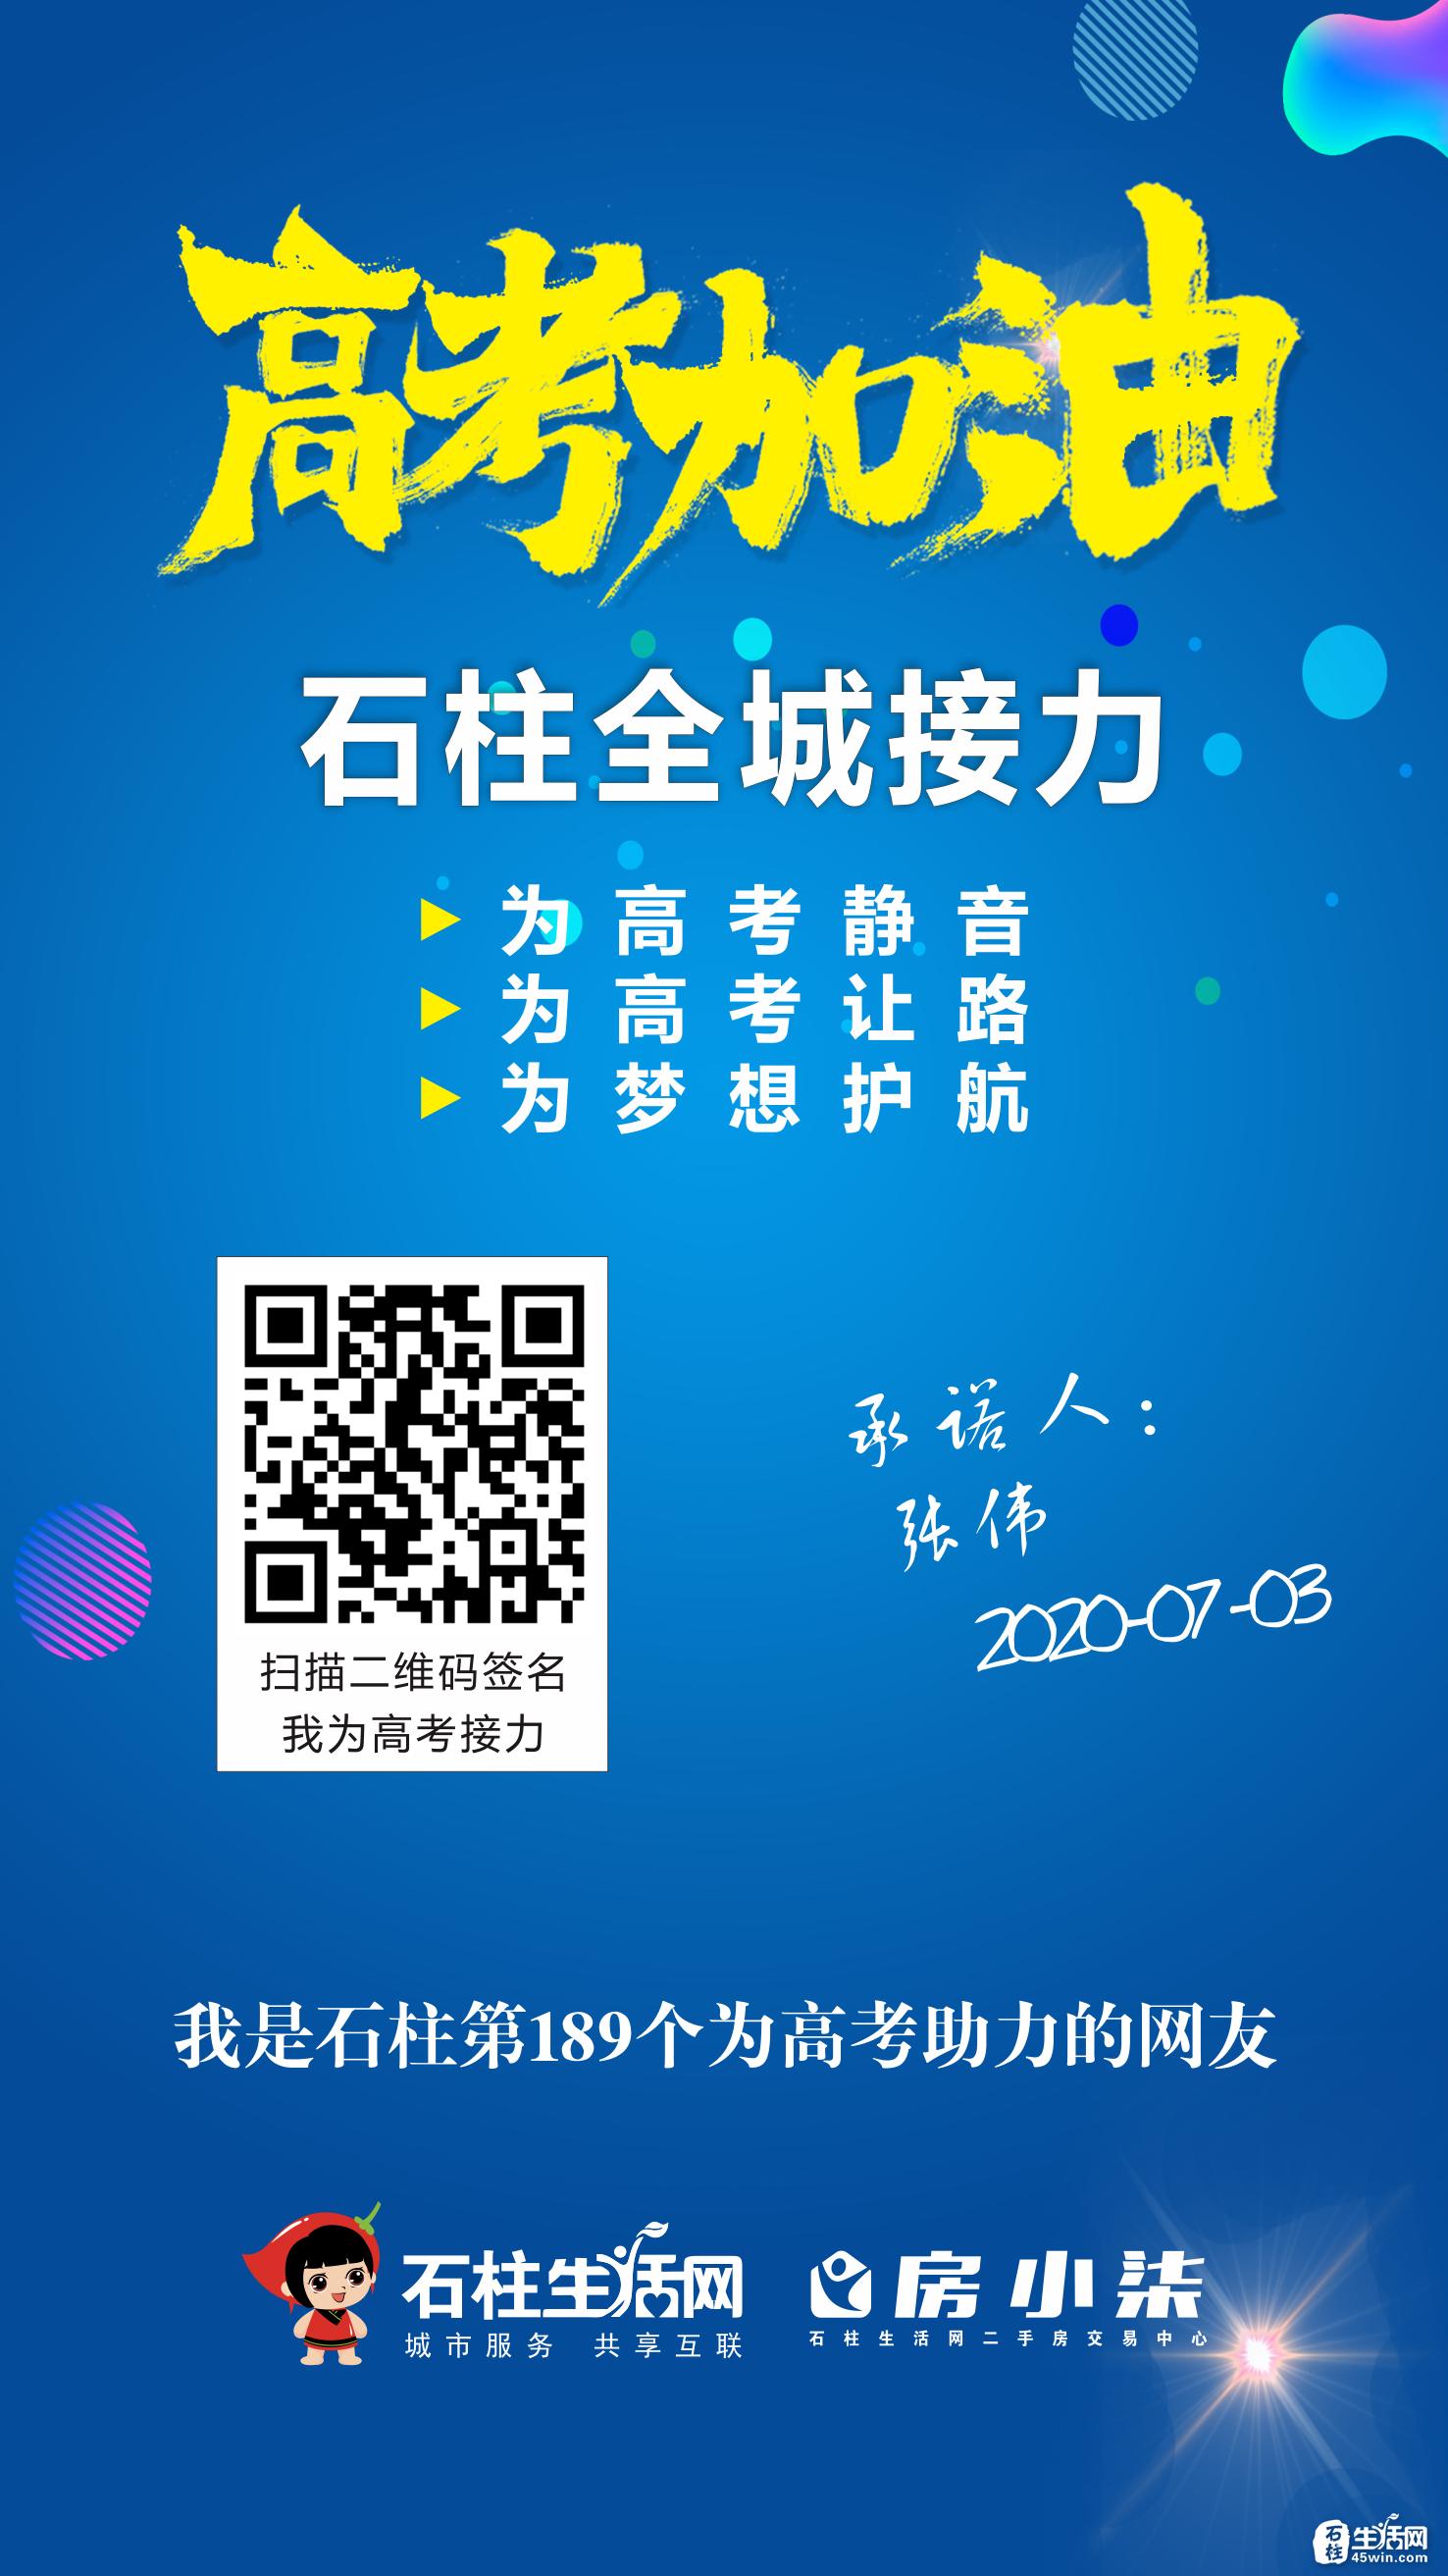 微信图片_20200705101519.png